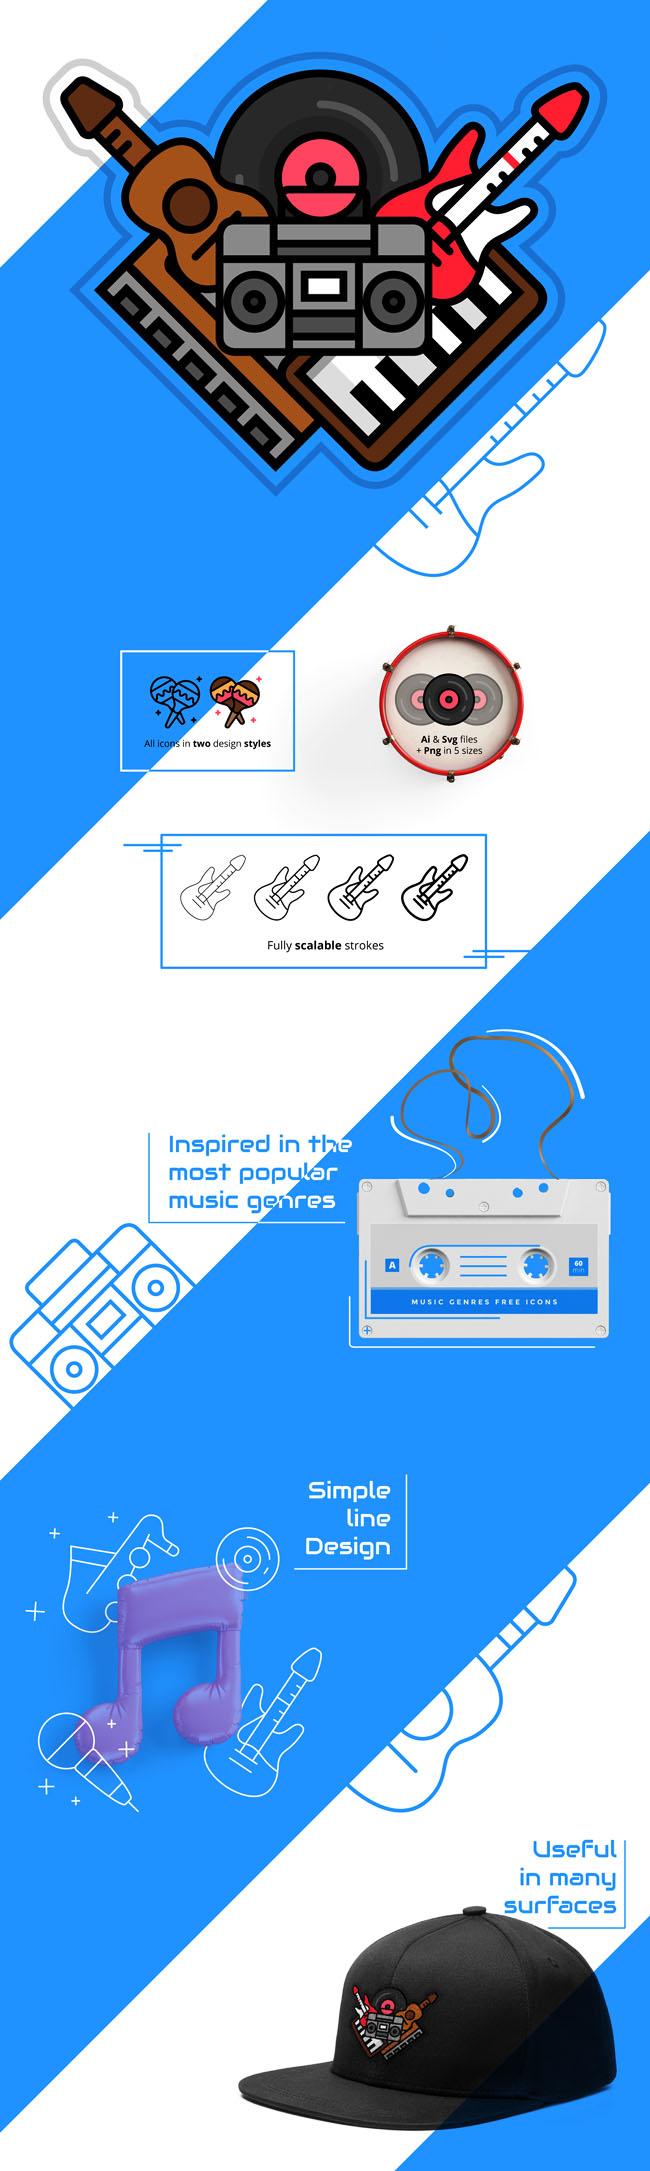 一组简约风格的音乐图标设计